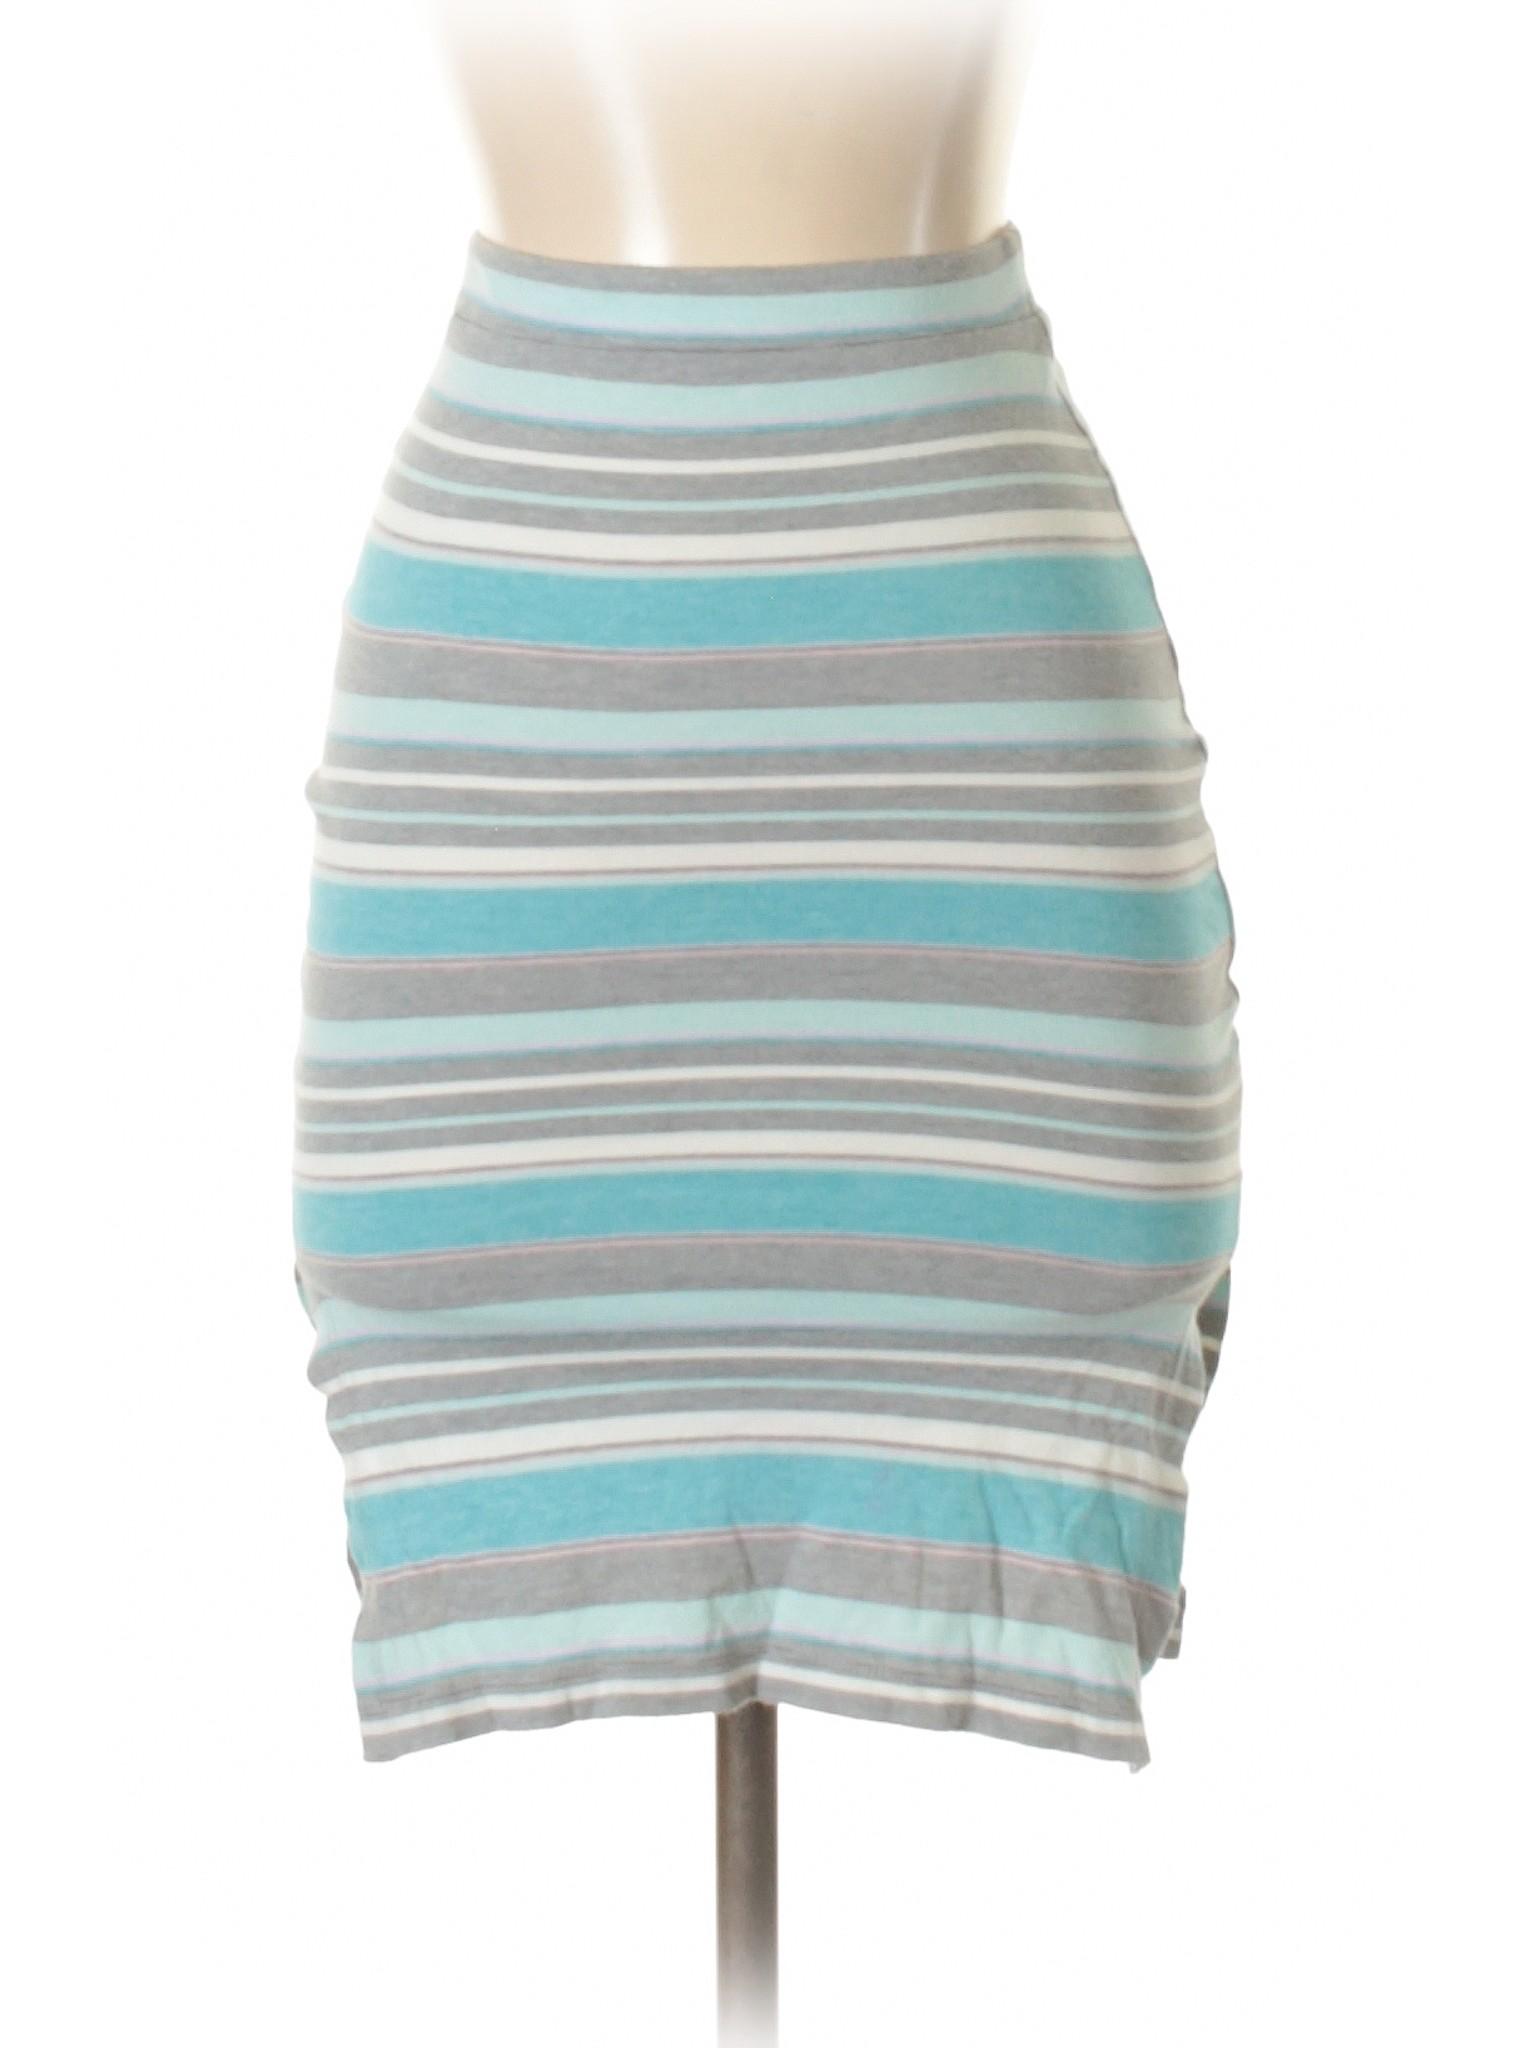 Boutique Casual Skirt Boutique Casual Boutique Skirt Skirt Casual rEZEwq